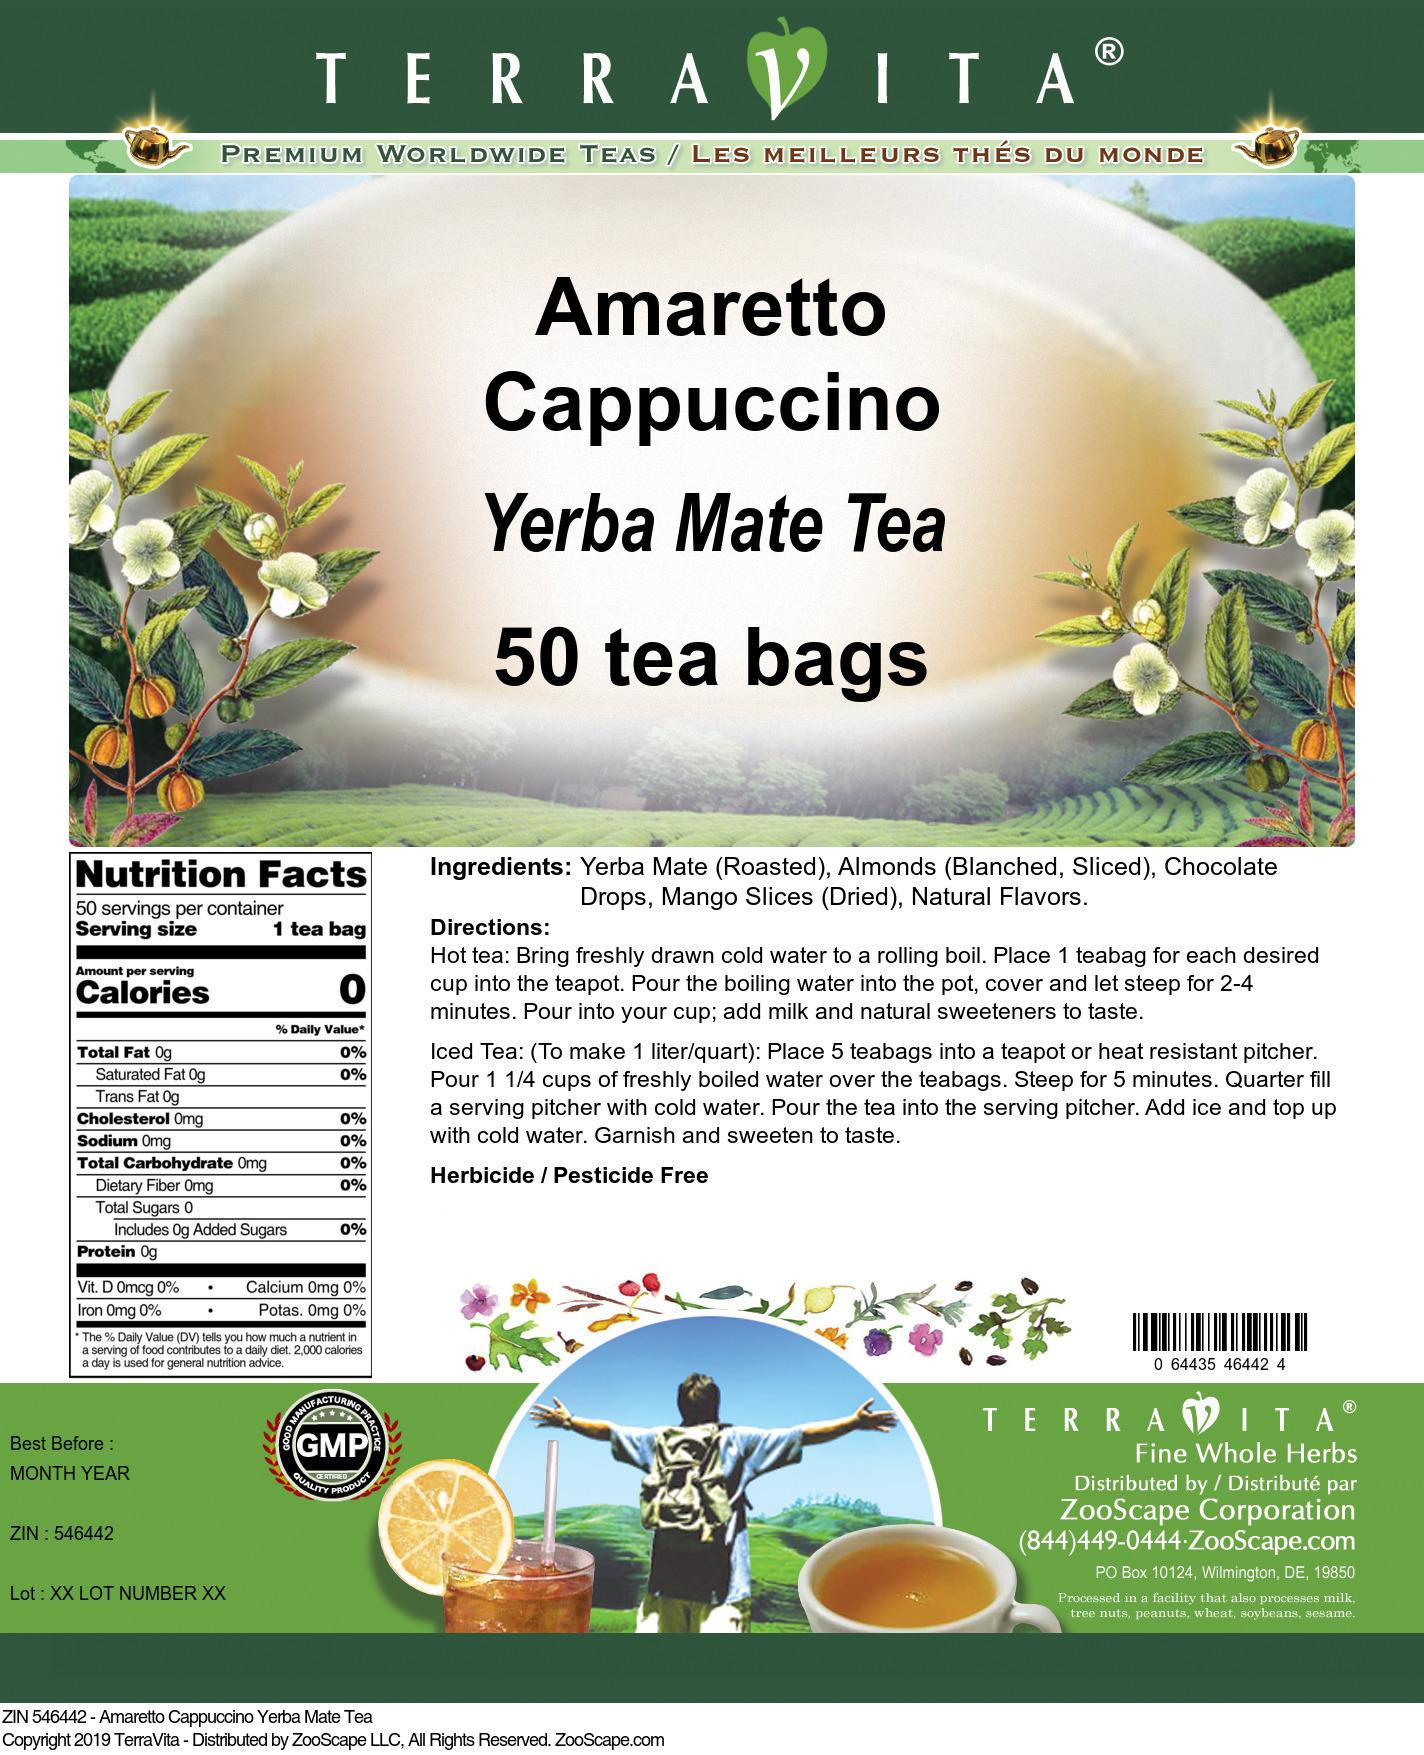 Amaretto Cappuccino Yerba Mate